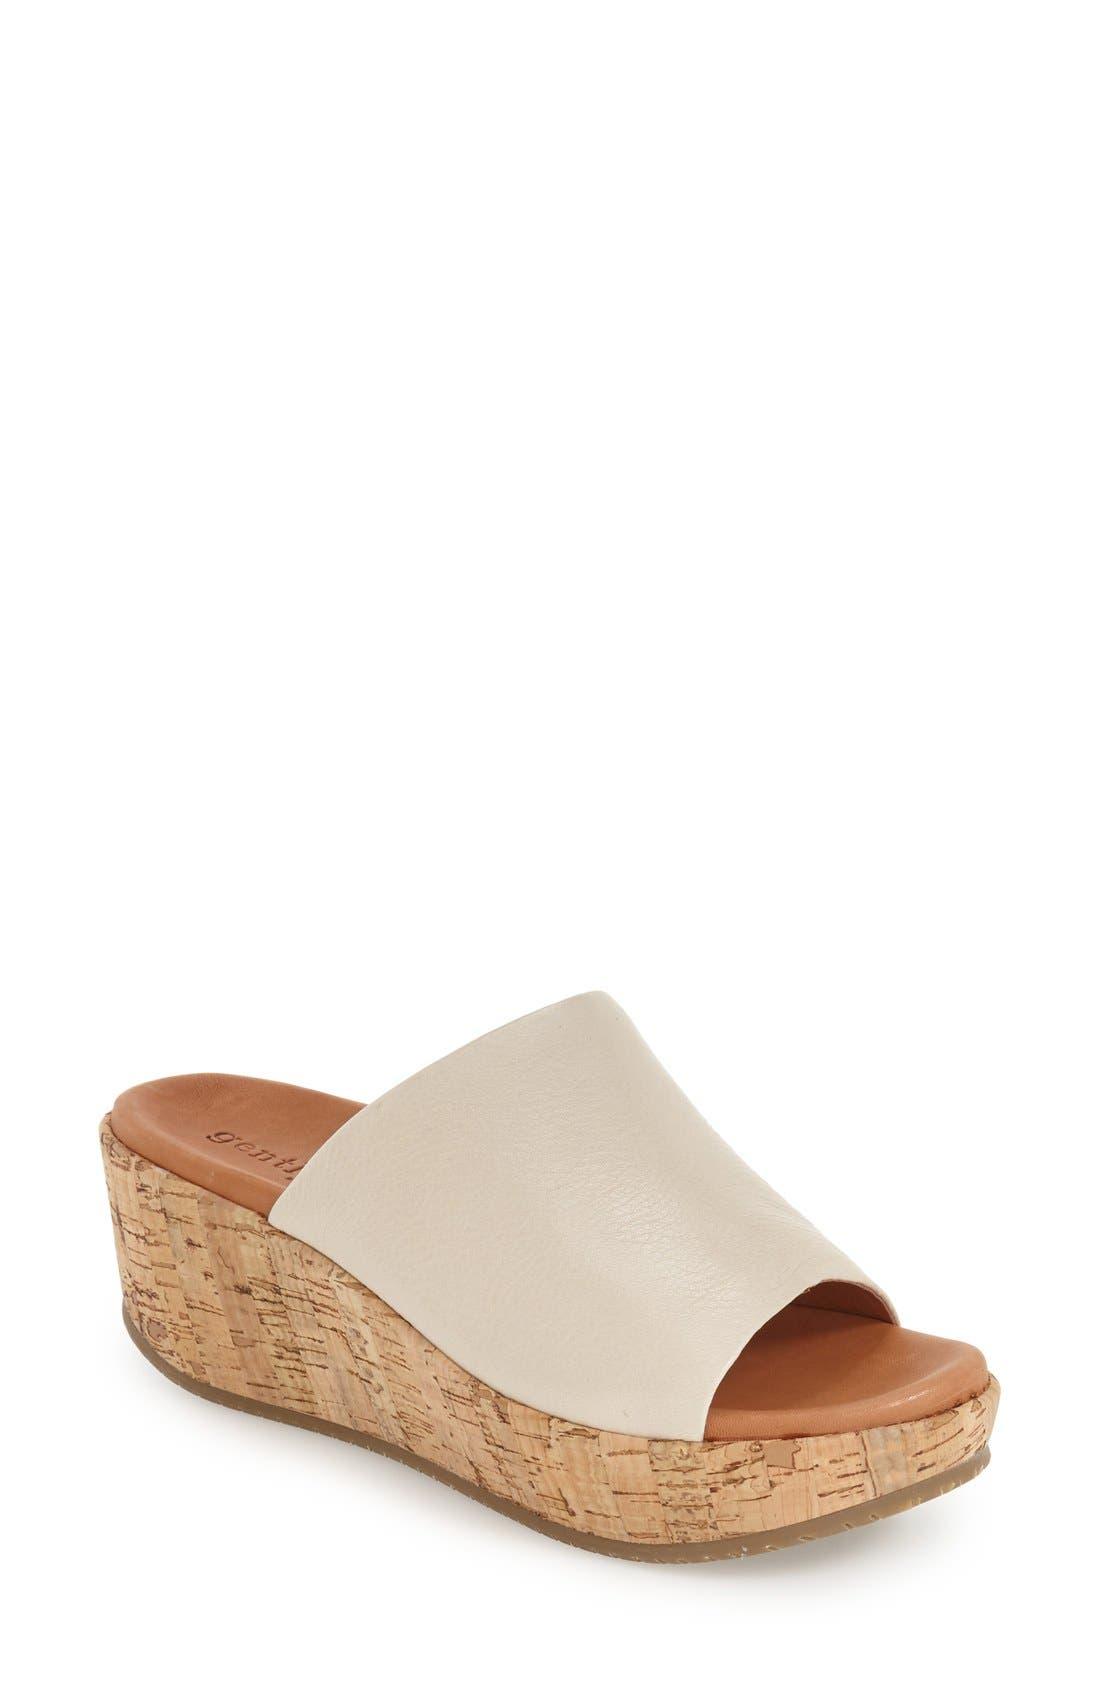 'Megan' Platform Wedge Sandal,                         Main,                         color, 053